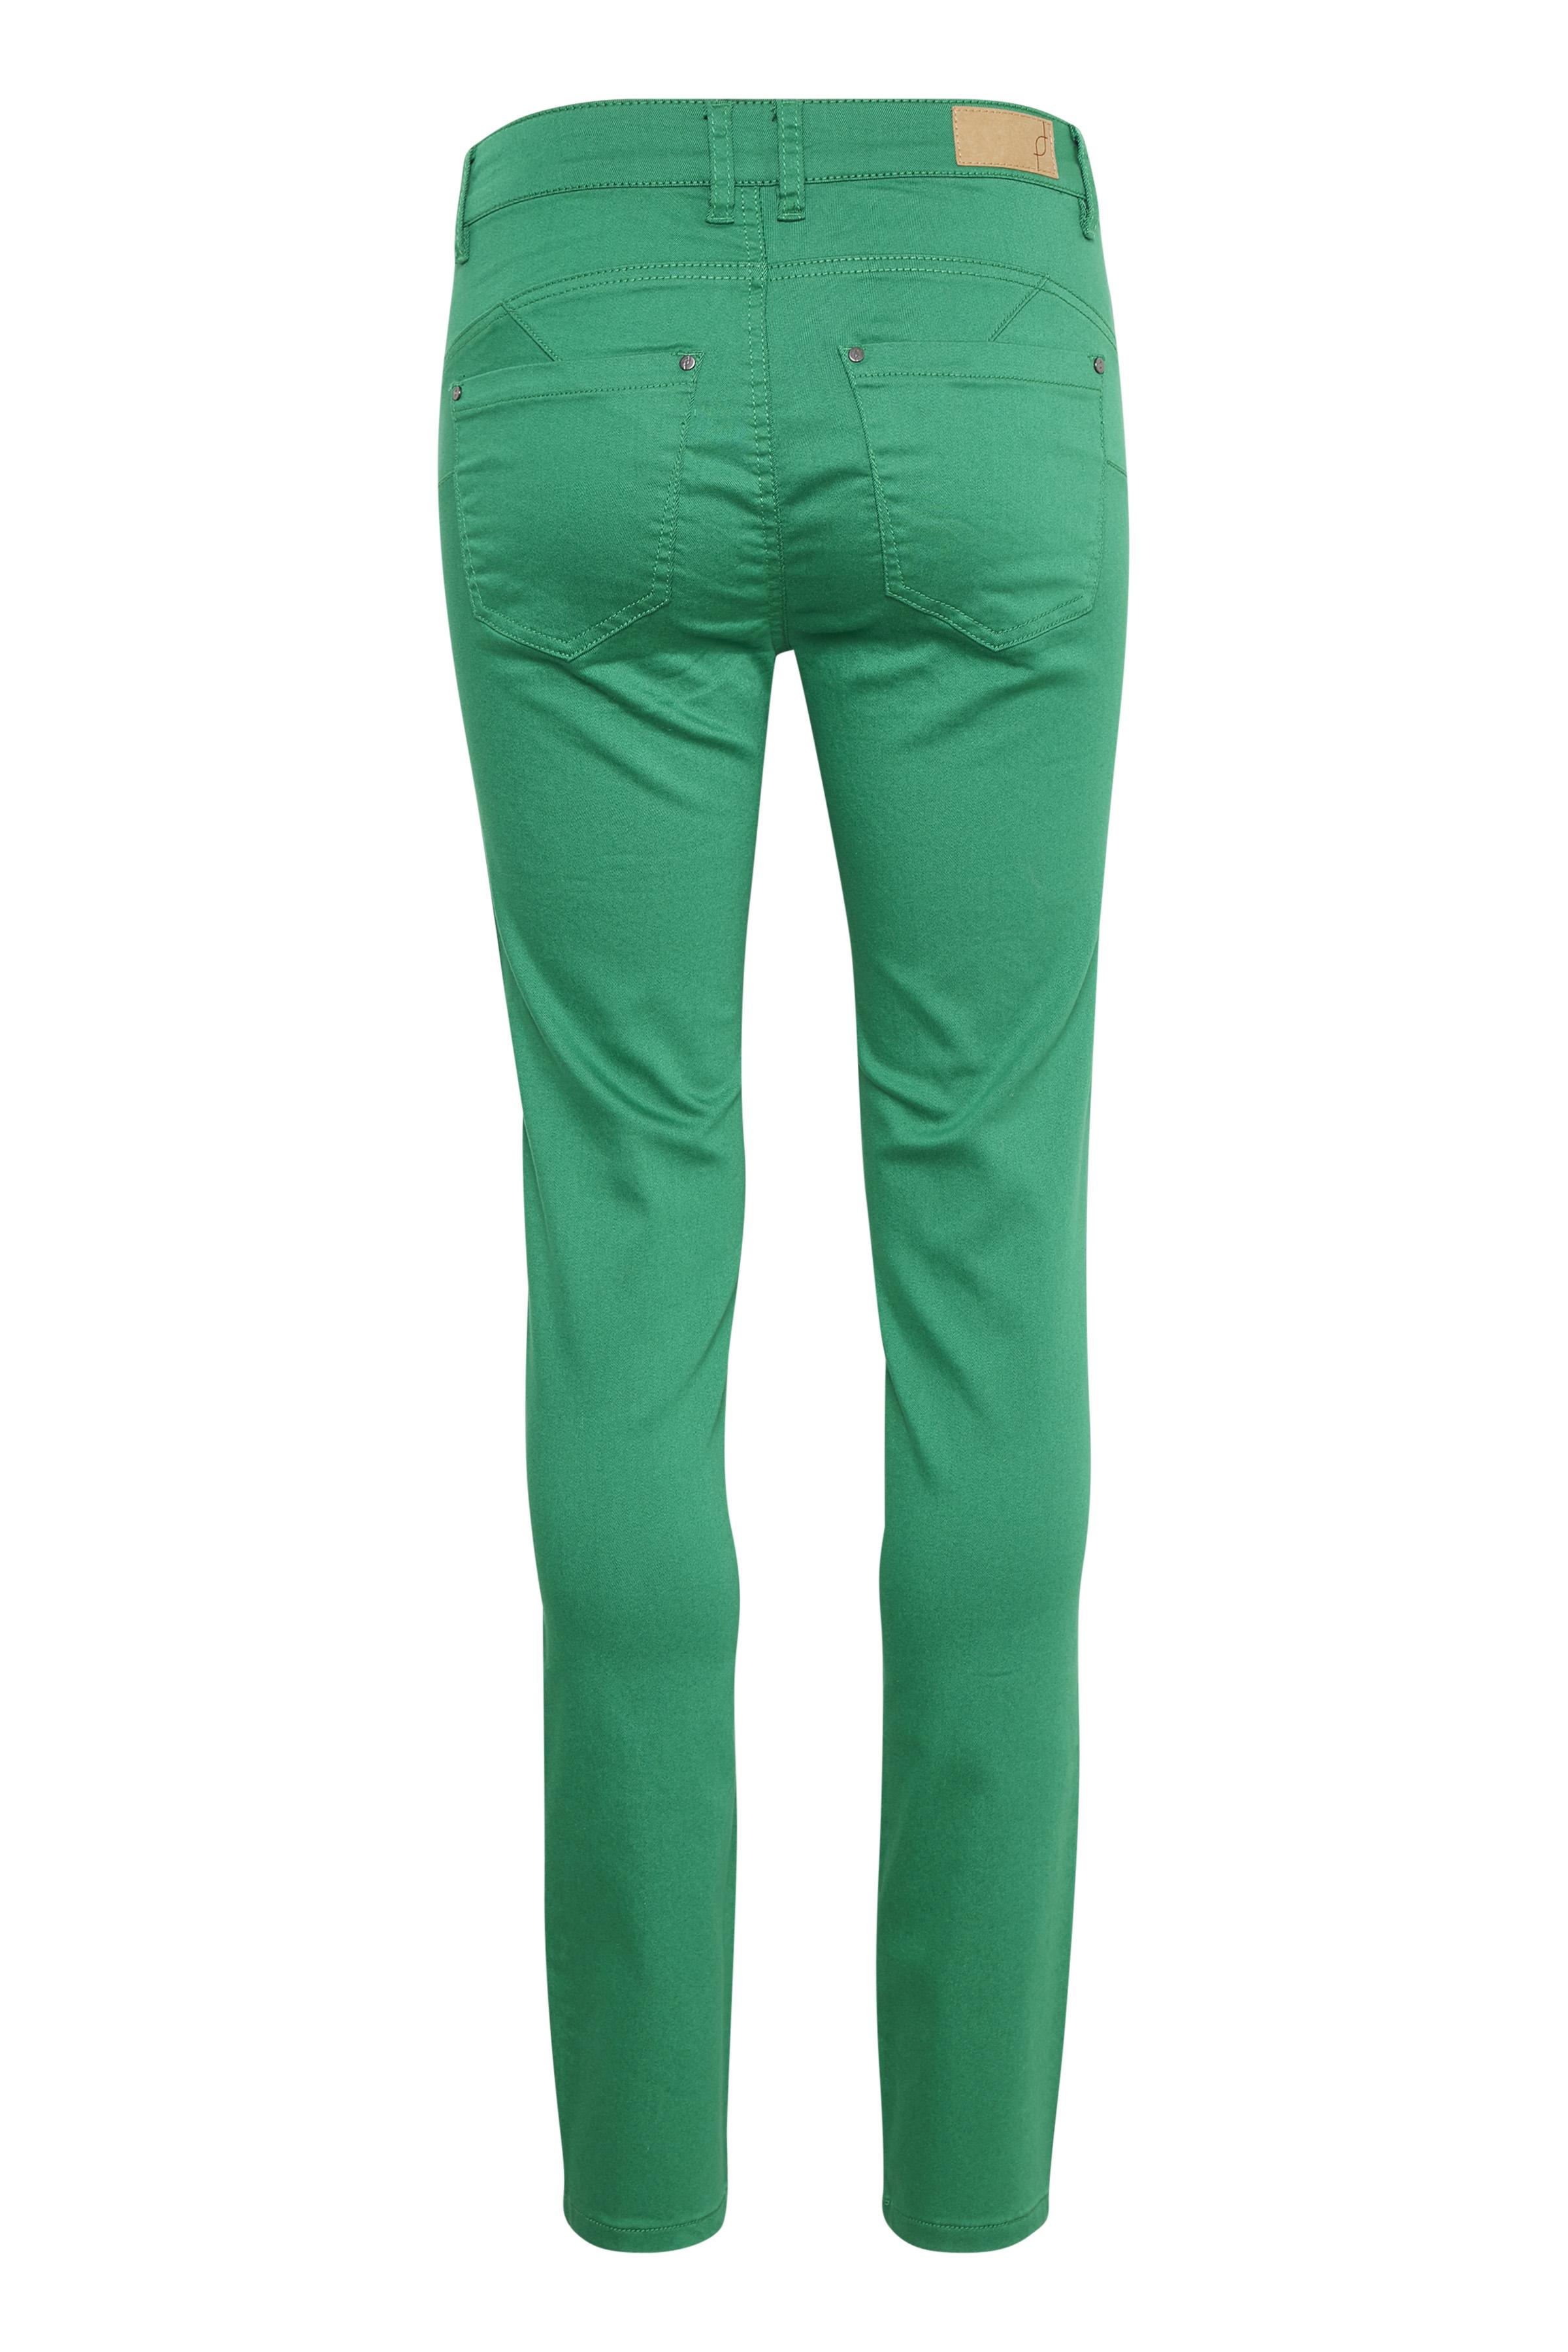 Grön Casual byxor från Fransa – Köp Grön Casual byxor från stl. 34-46 här